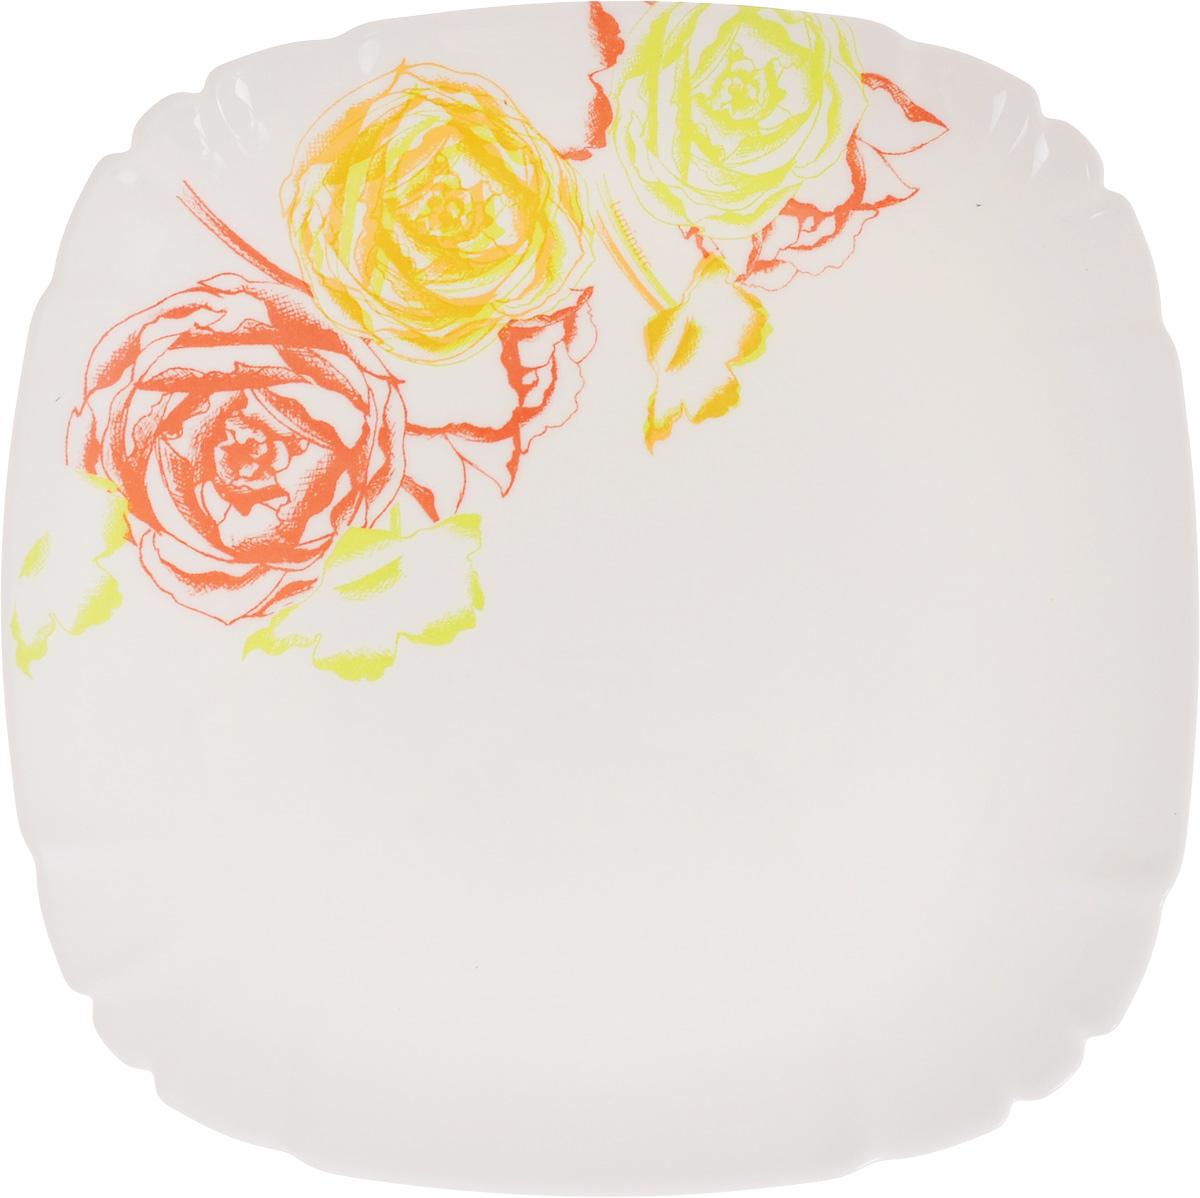 Тарелка десертная Luminarc Amaria, 21 х 21 см115510Квадратная десертная тарелка Luminarc Amaria, изготовленная изударопрочного стекла, декорирована изображением цветов. Такая тарелка прекрасно подходит как дляторжественных случаев, так и для повседневногоиспользования. Идеальна для подачи десертов, пирожных, тортов имногого другого. Она прекрасно оформит стол и станетотличным дополнением к вашей коллекции кухоннойпосуды. Размеры тарелки (по верхнему краю): 21 х 21 см. Высота тарелки: 1 см.